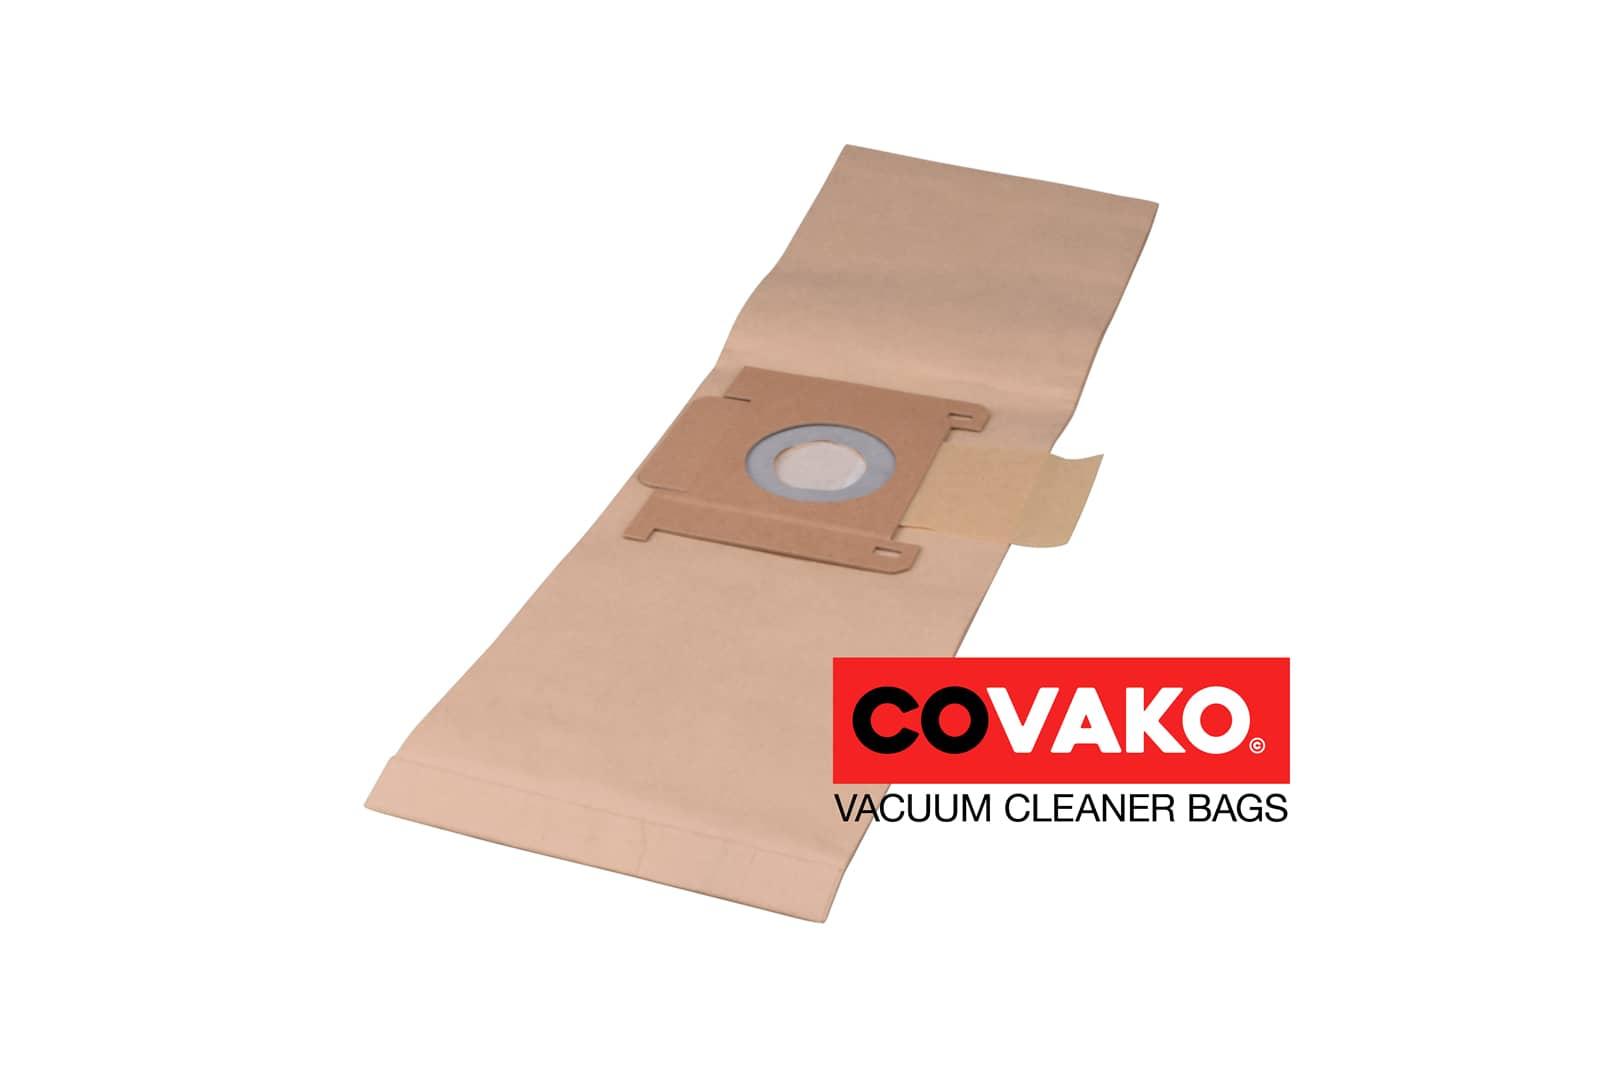 Fast C 5 / Papier - Fast sacs d'aspirateur